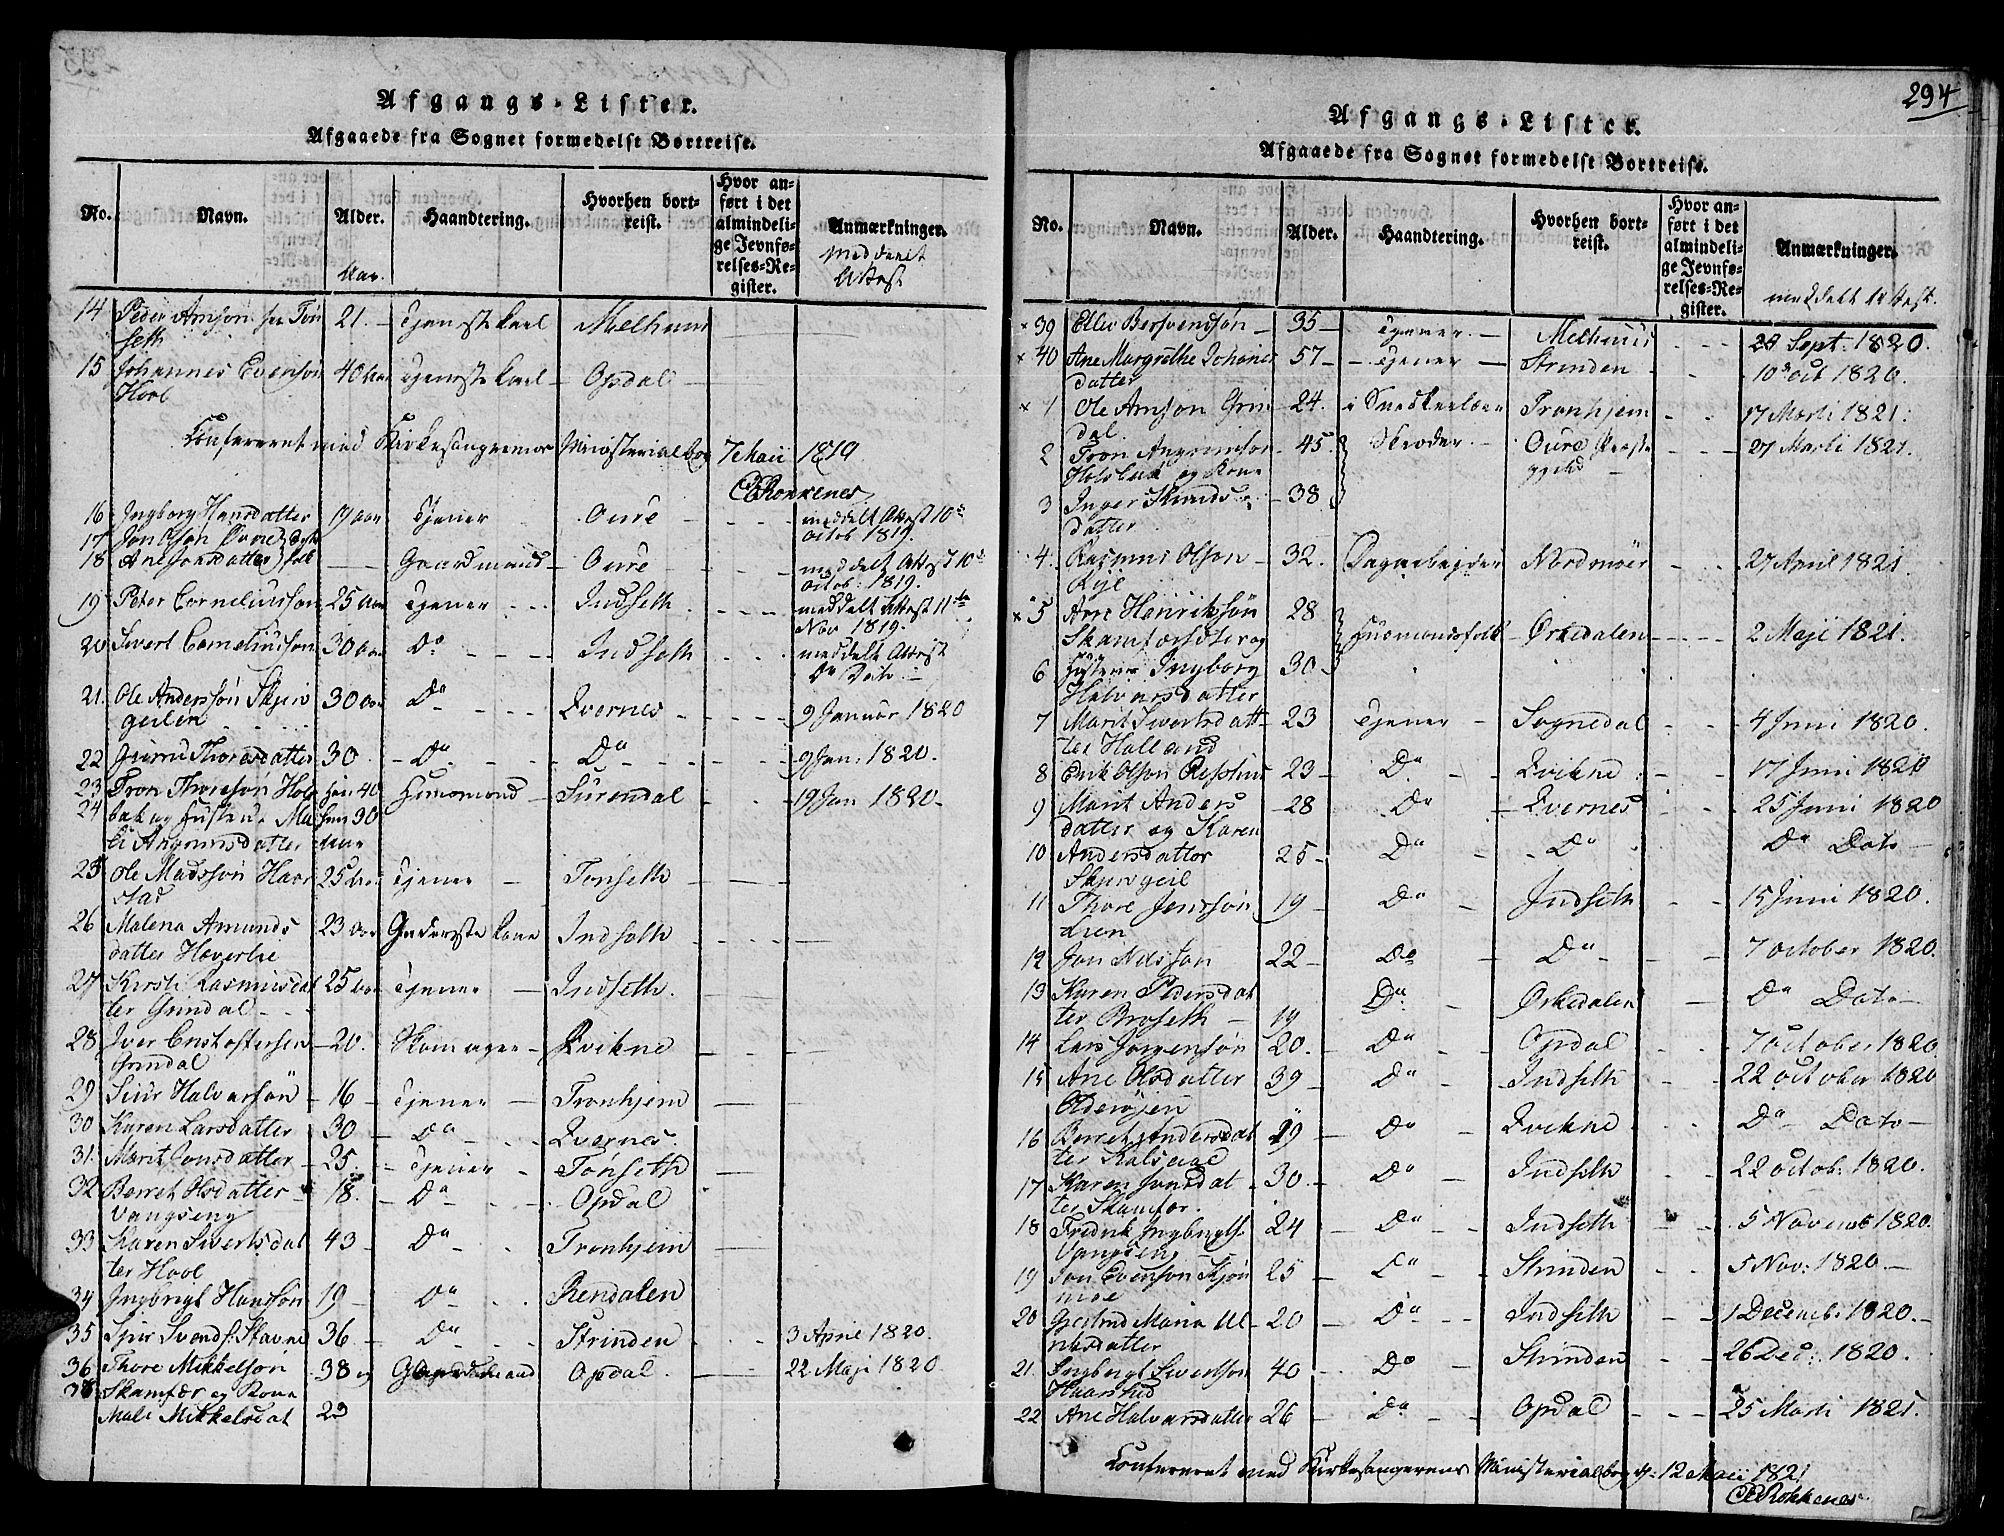 SAT, Ministerialprotokoller, klokkerbøker og fødselsregistre - Sør-Trøndelag, 672/L0854: Ministerialbok nr. 672A06 /2, 1816-1829, s. 294